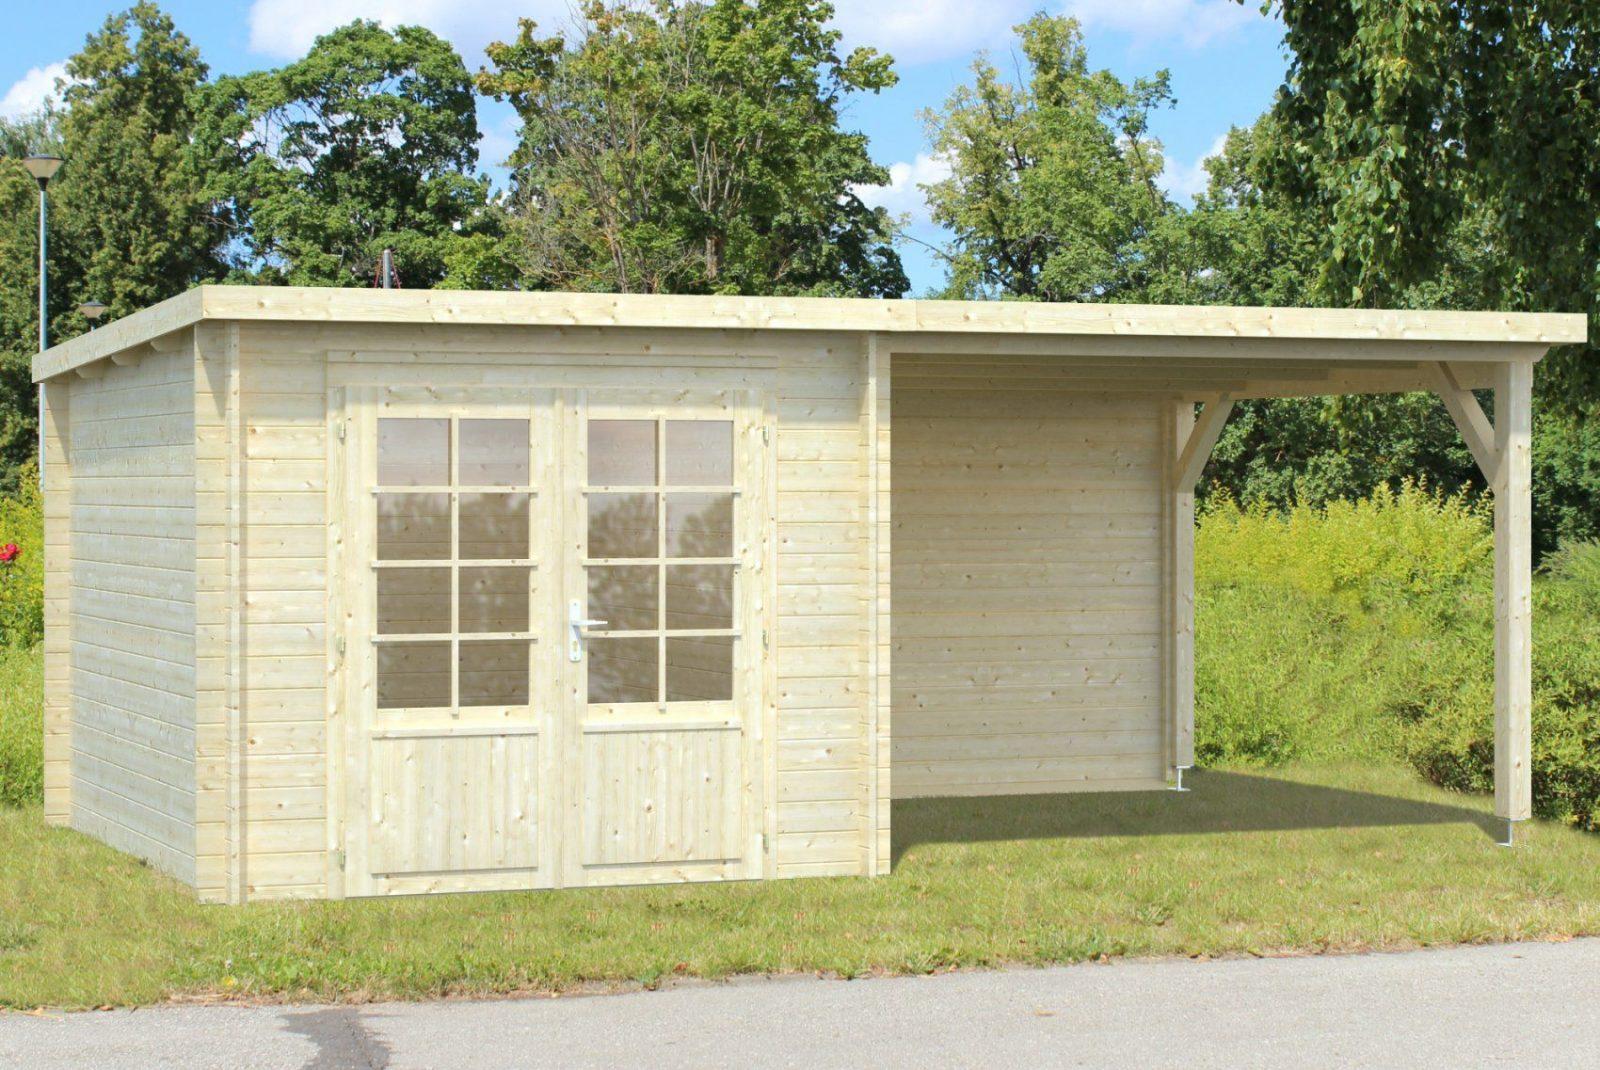 Palmako Gartenhaus Ella 69 + 82 M² Frb285330 von Gartenhaus 3 X 4 Meter Bild